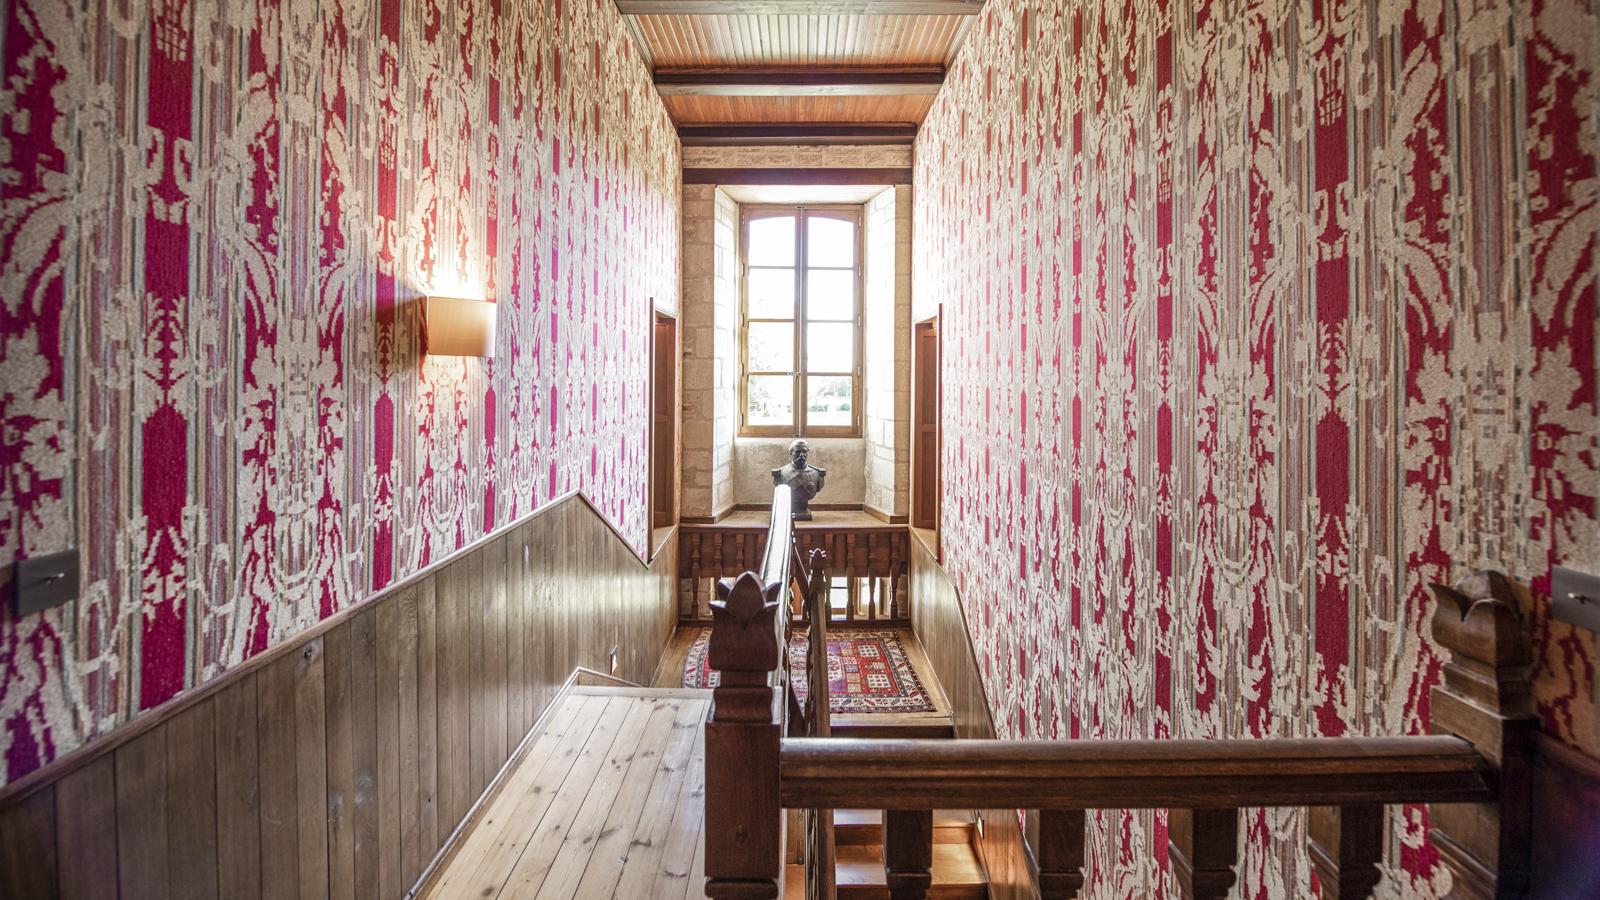 CSDK Architectes Cha%CC%82teau Bretagne Cage 1600x900 - Transformation d'un Château - Cage d'escalier - CSDK Architectes Cha%CC%82teau Bretagne Cage 1600x900